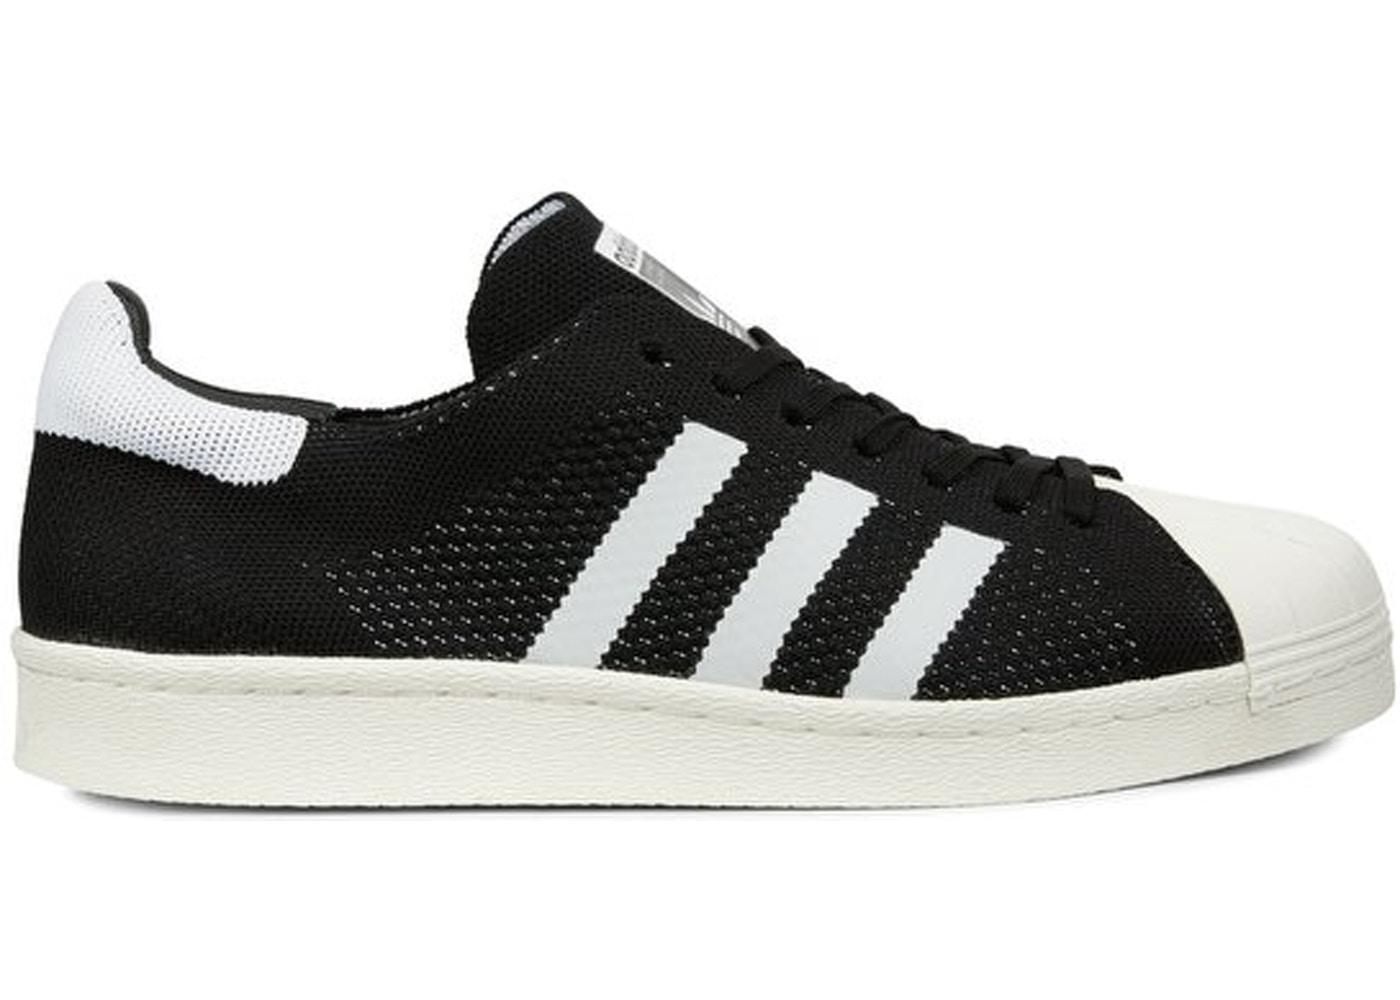 adidas superstar black white sale